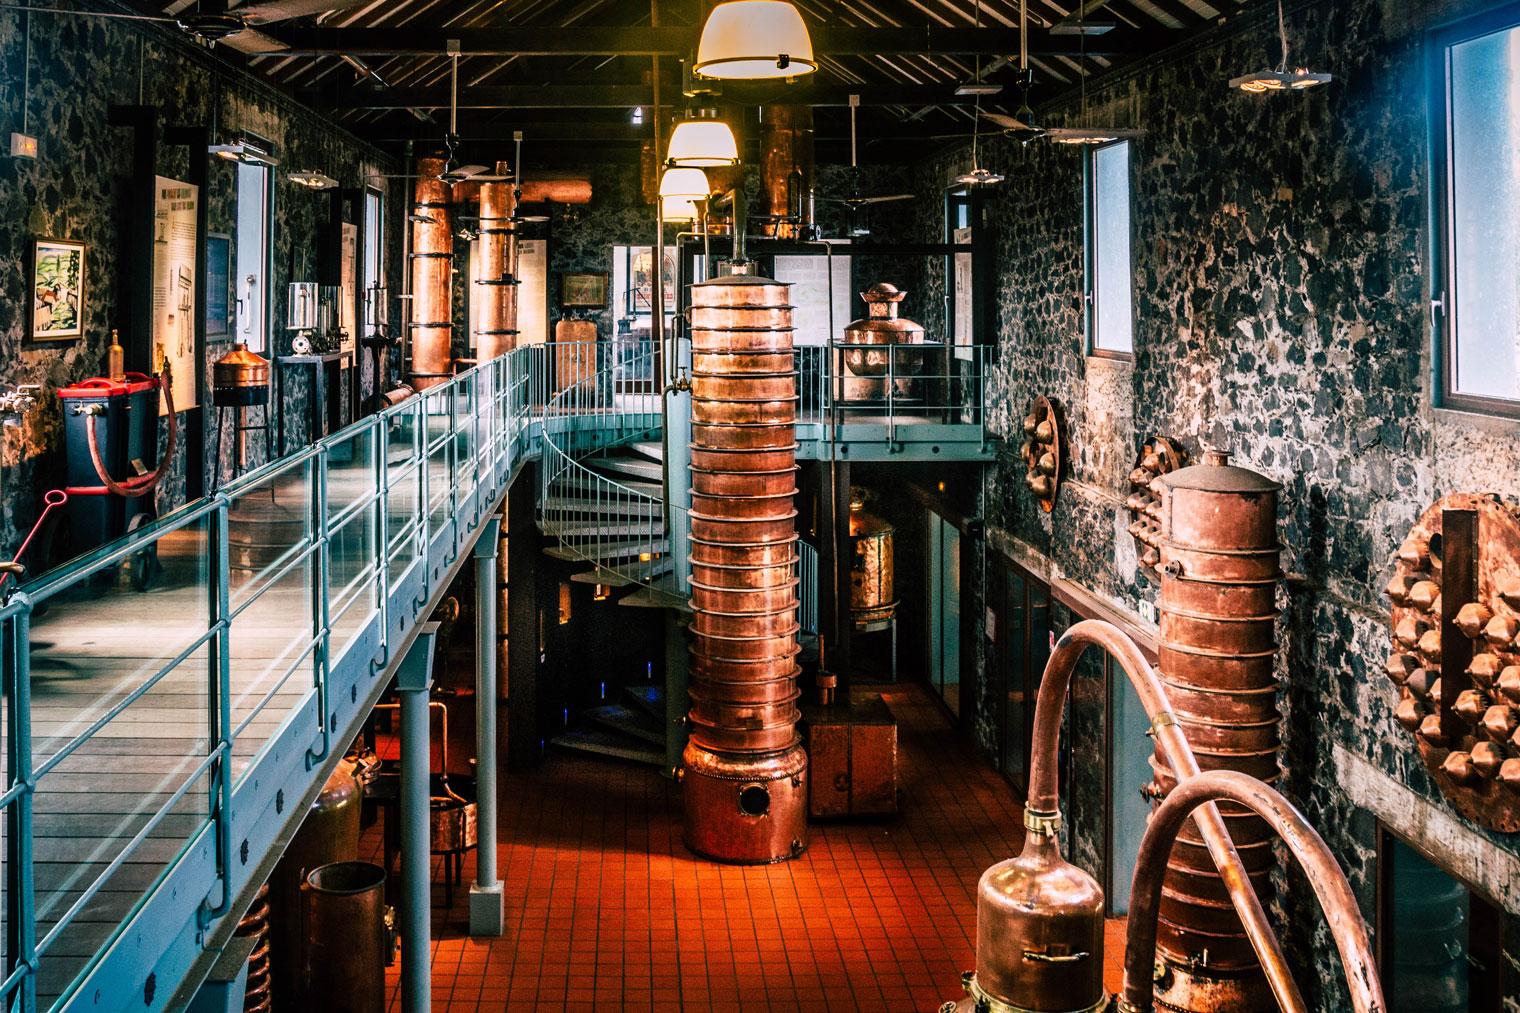 martinique_distillerie_saint-james_machines_2904.jpg